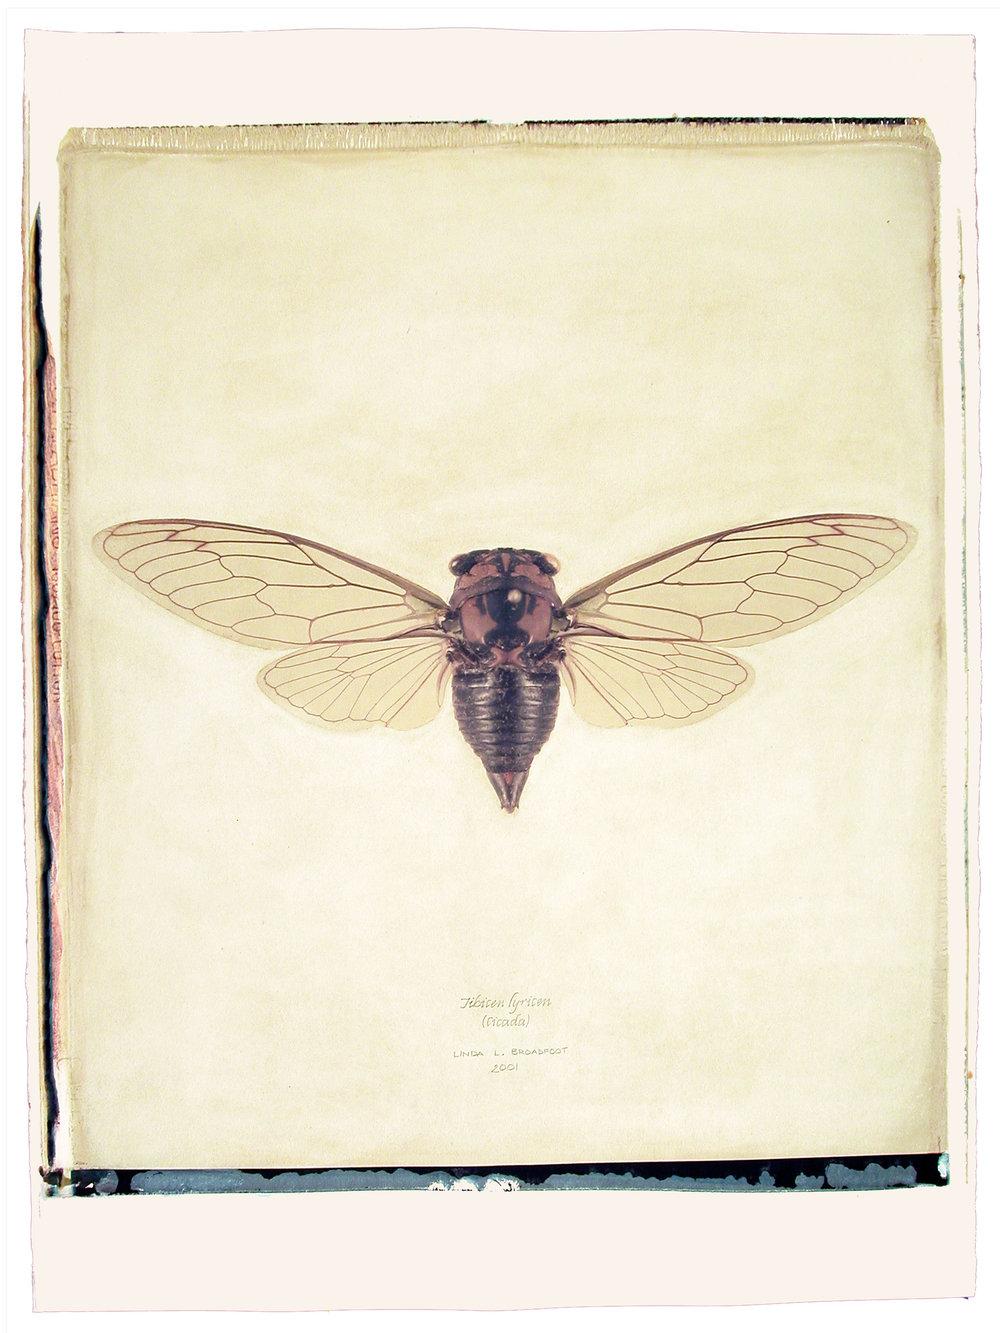 Tibicen lyricen  (Cicada), 2001